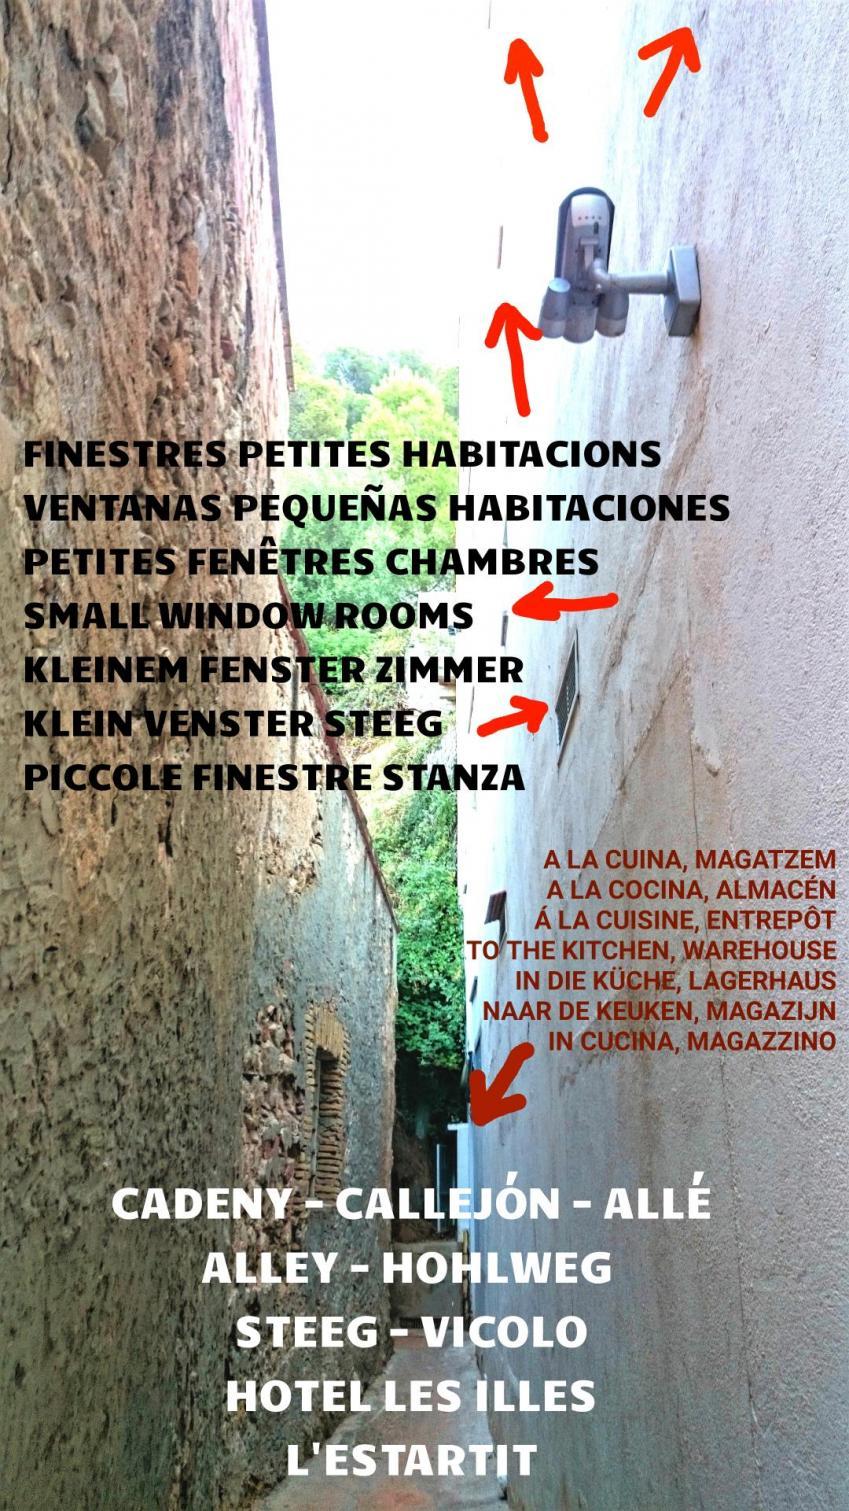 Hotel les illes Estartit l'Estartit Costa Brava